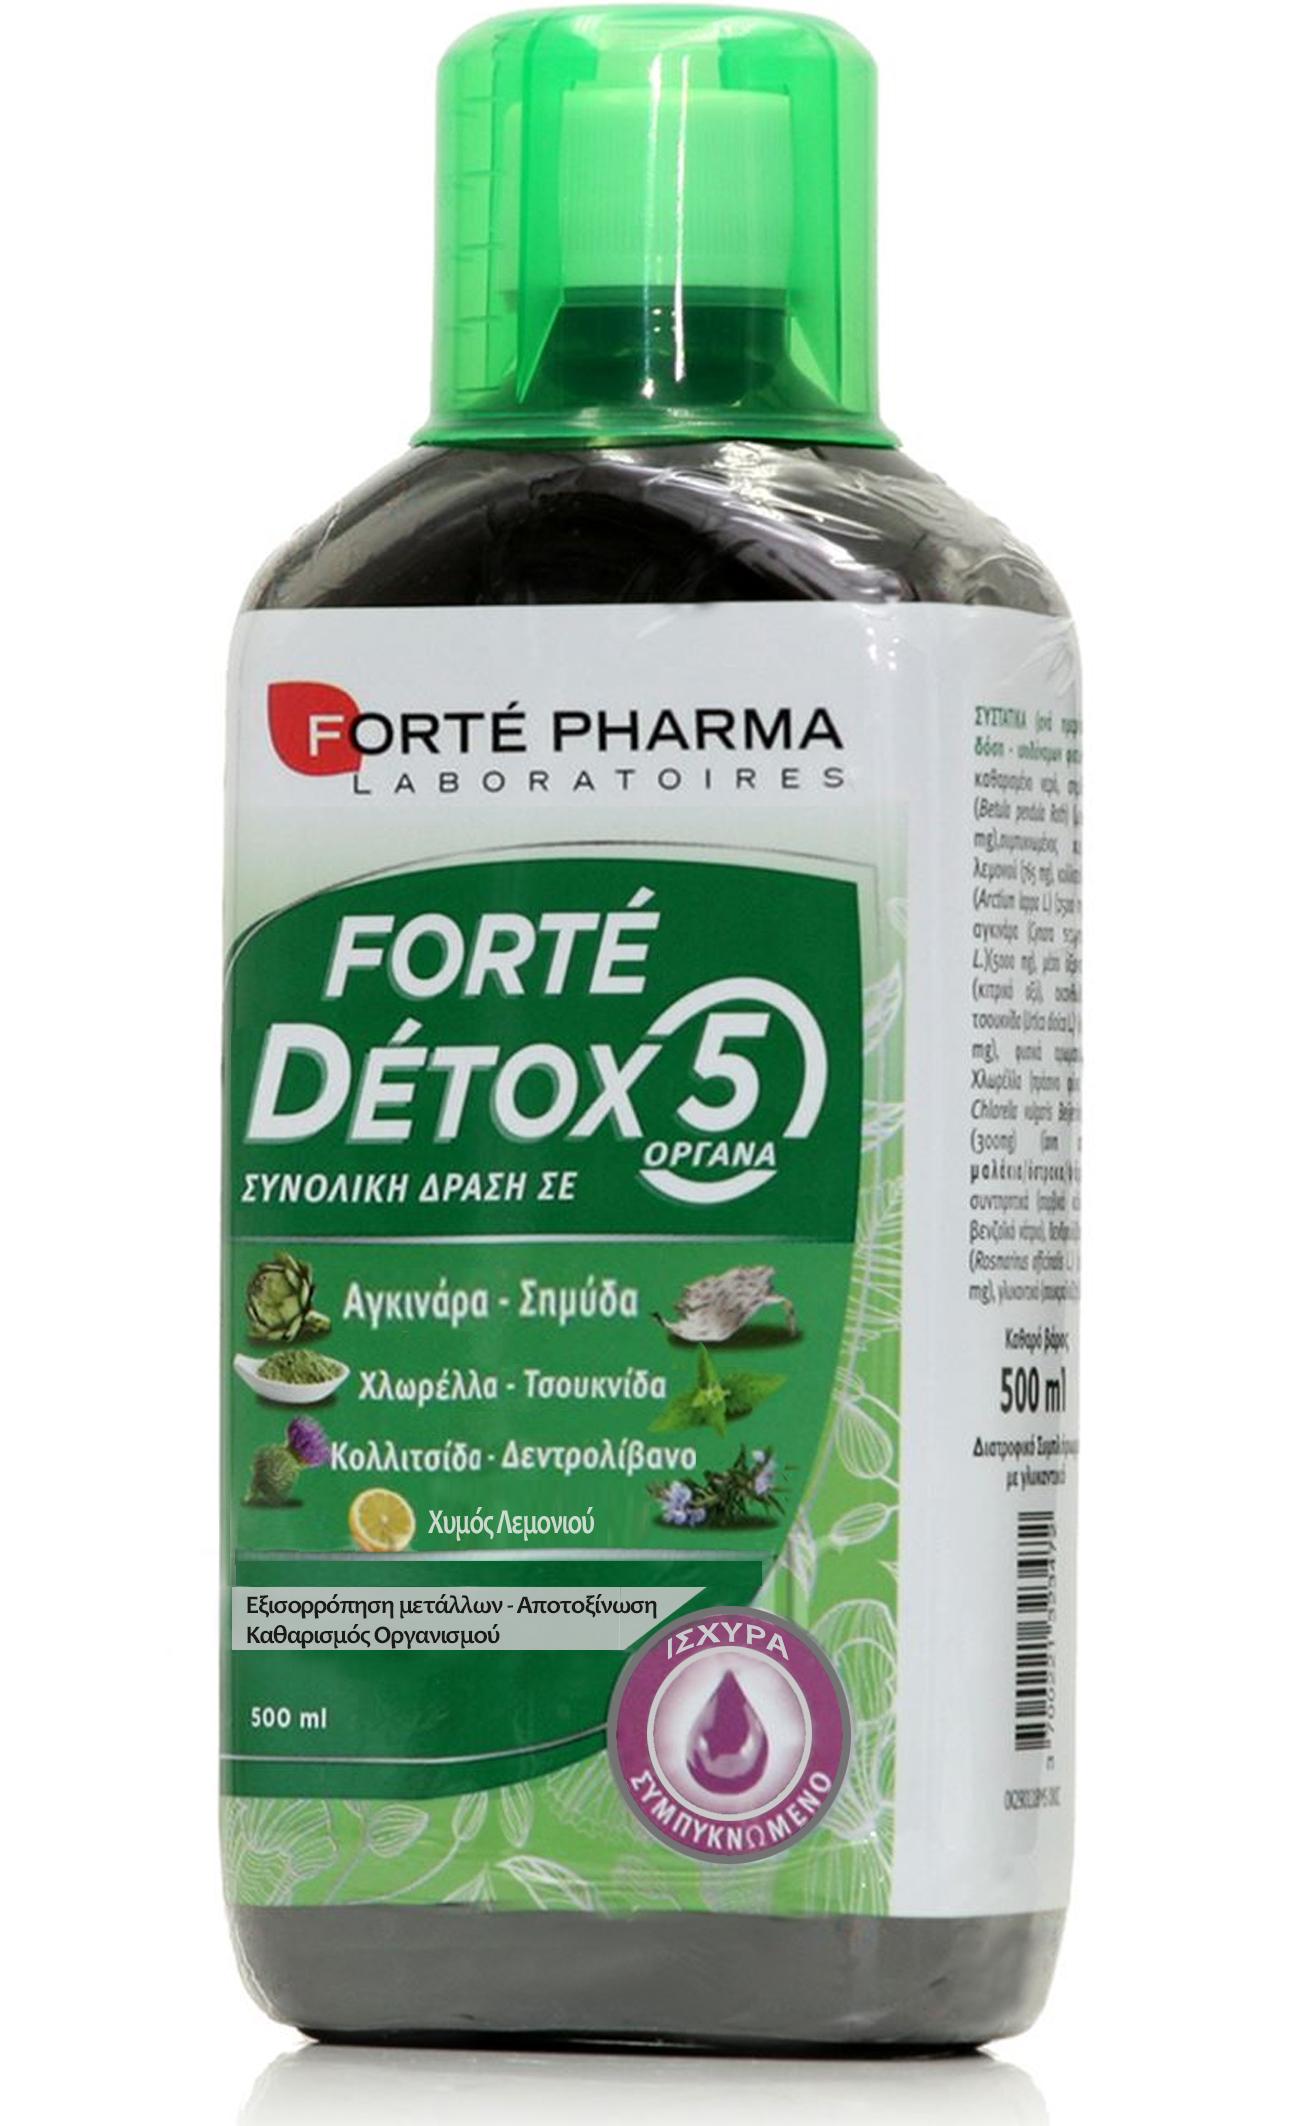 detox forte 5